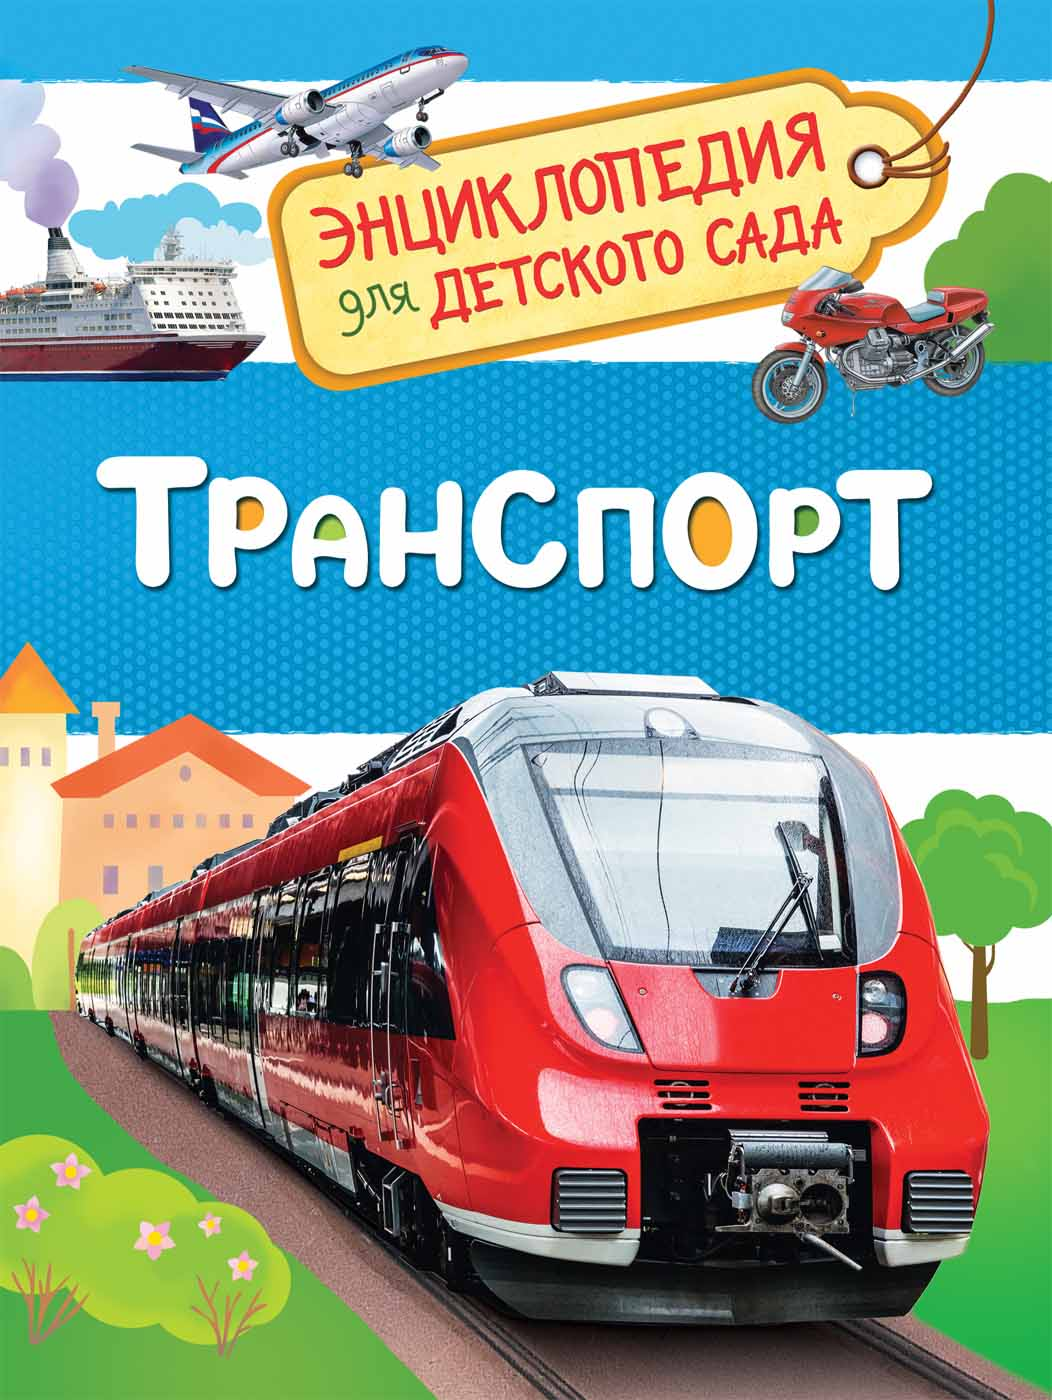 Энциклопедия для детского сада - Транспорт